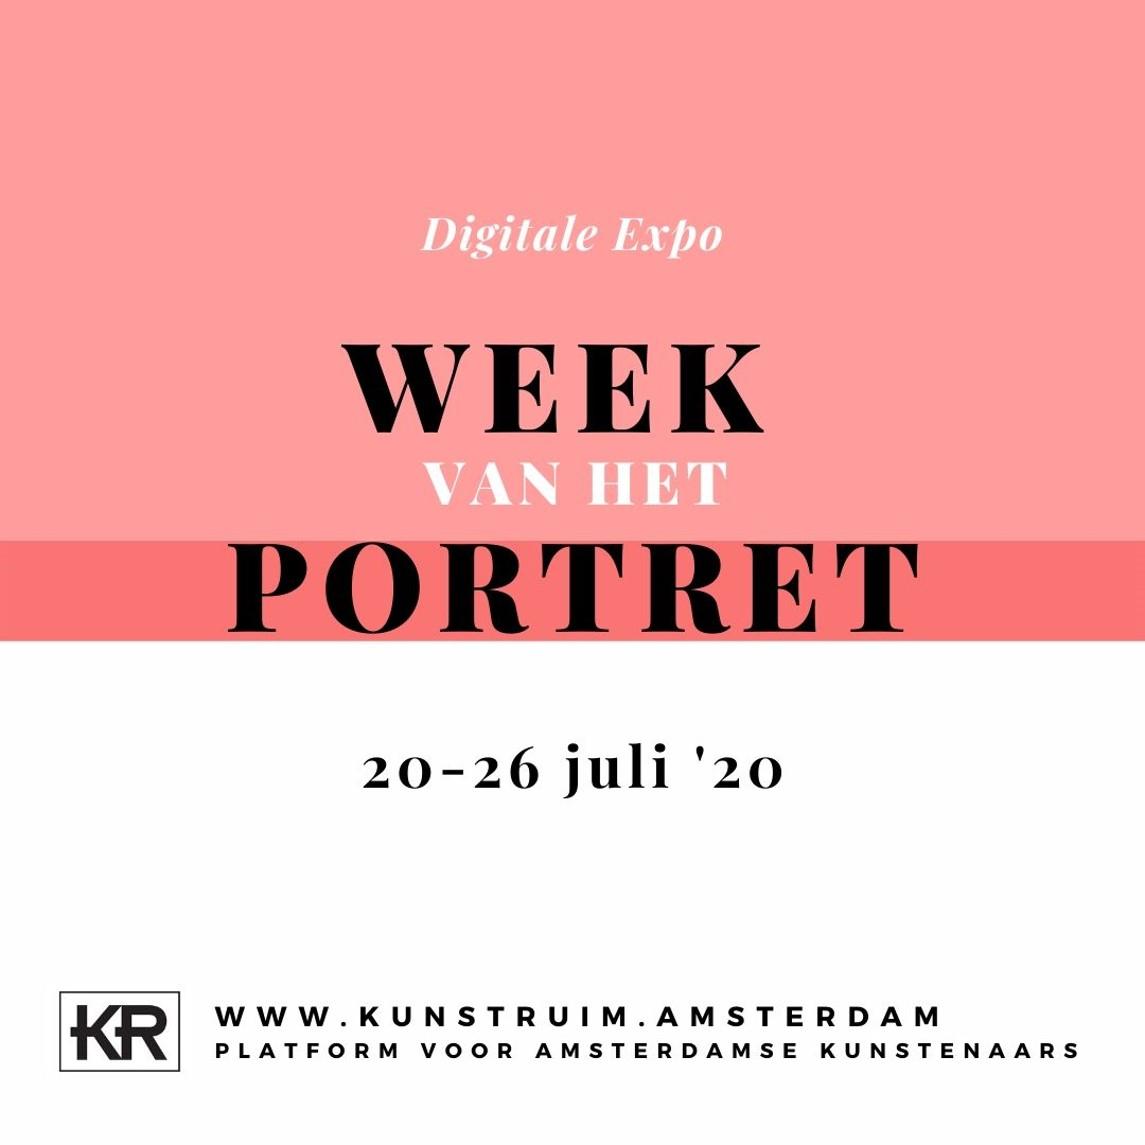 week van het portret